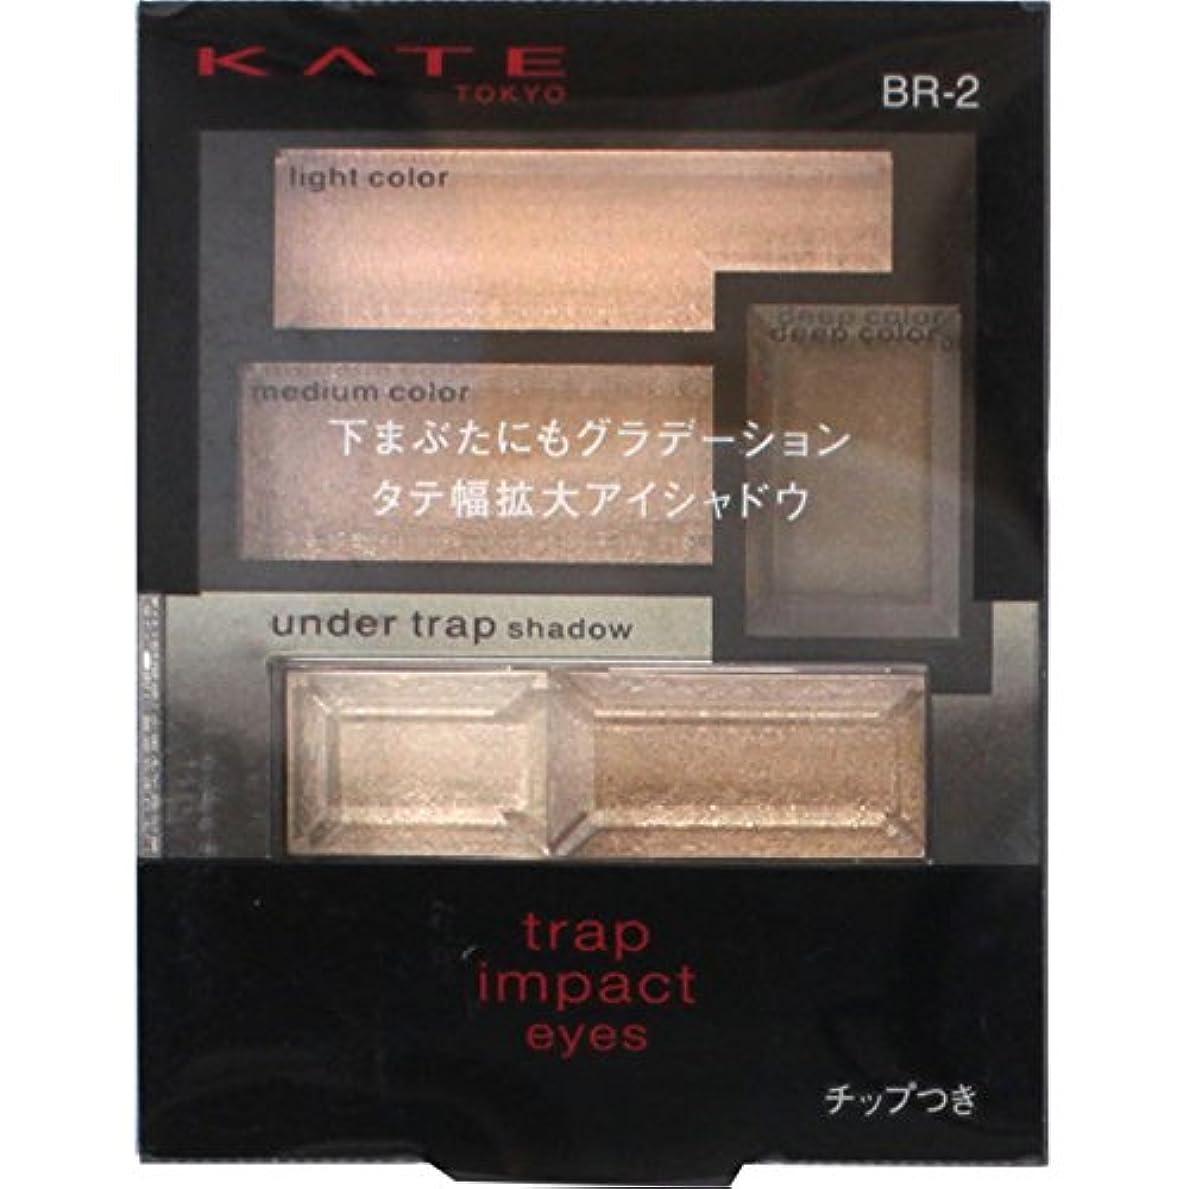 カネボウ ケイト トラップインパクトアイズ BR-2